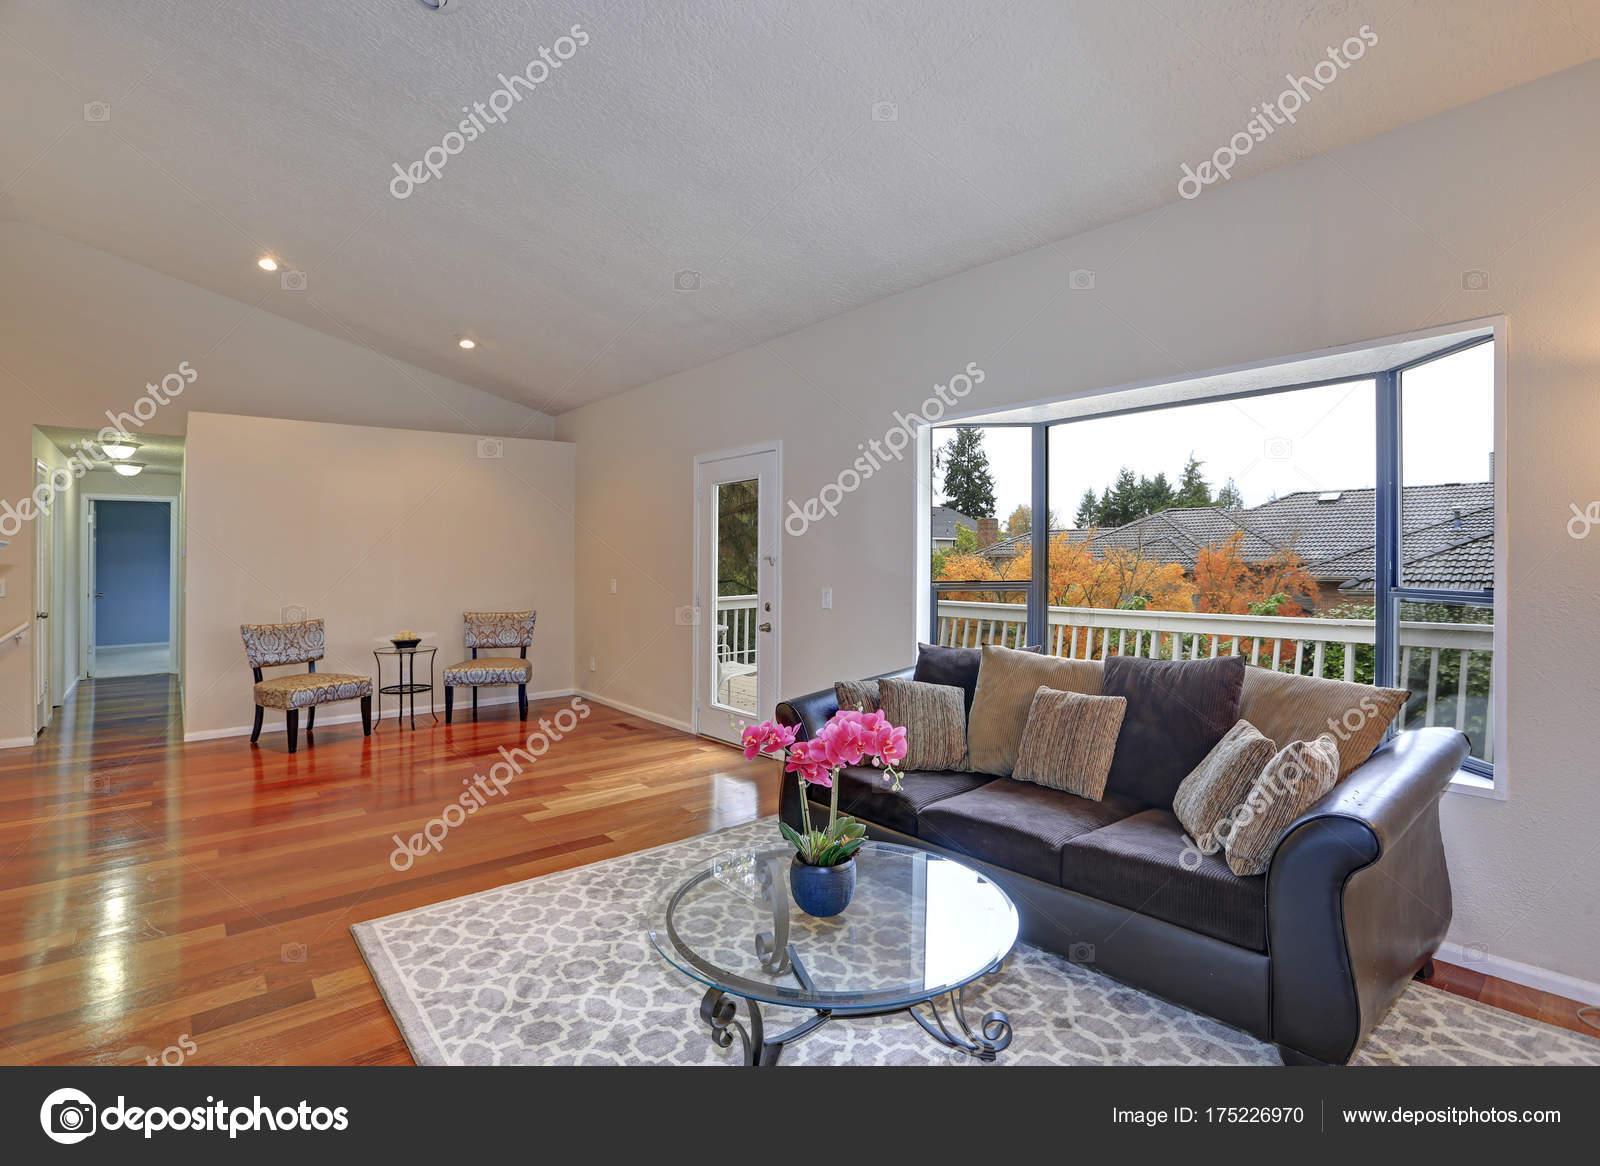 Einfache rustikale Wohnzimmer Design — Stockfoto © alabn #175226970